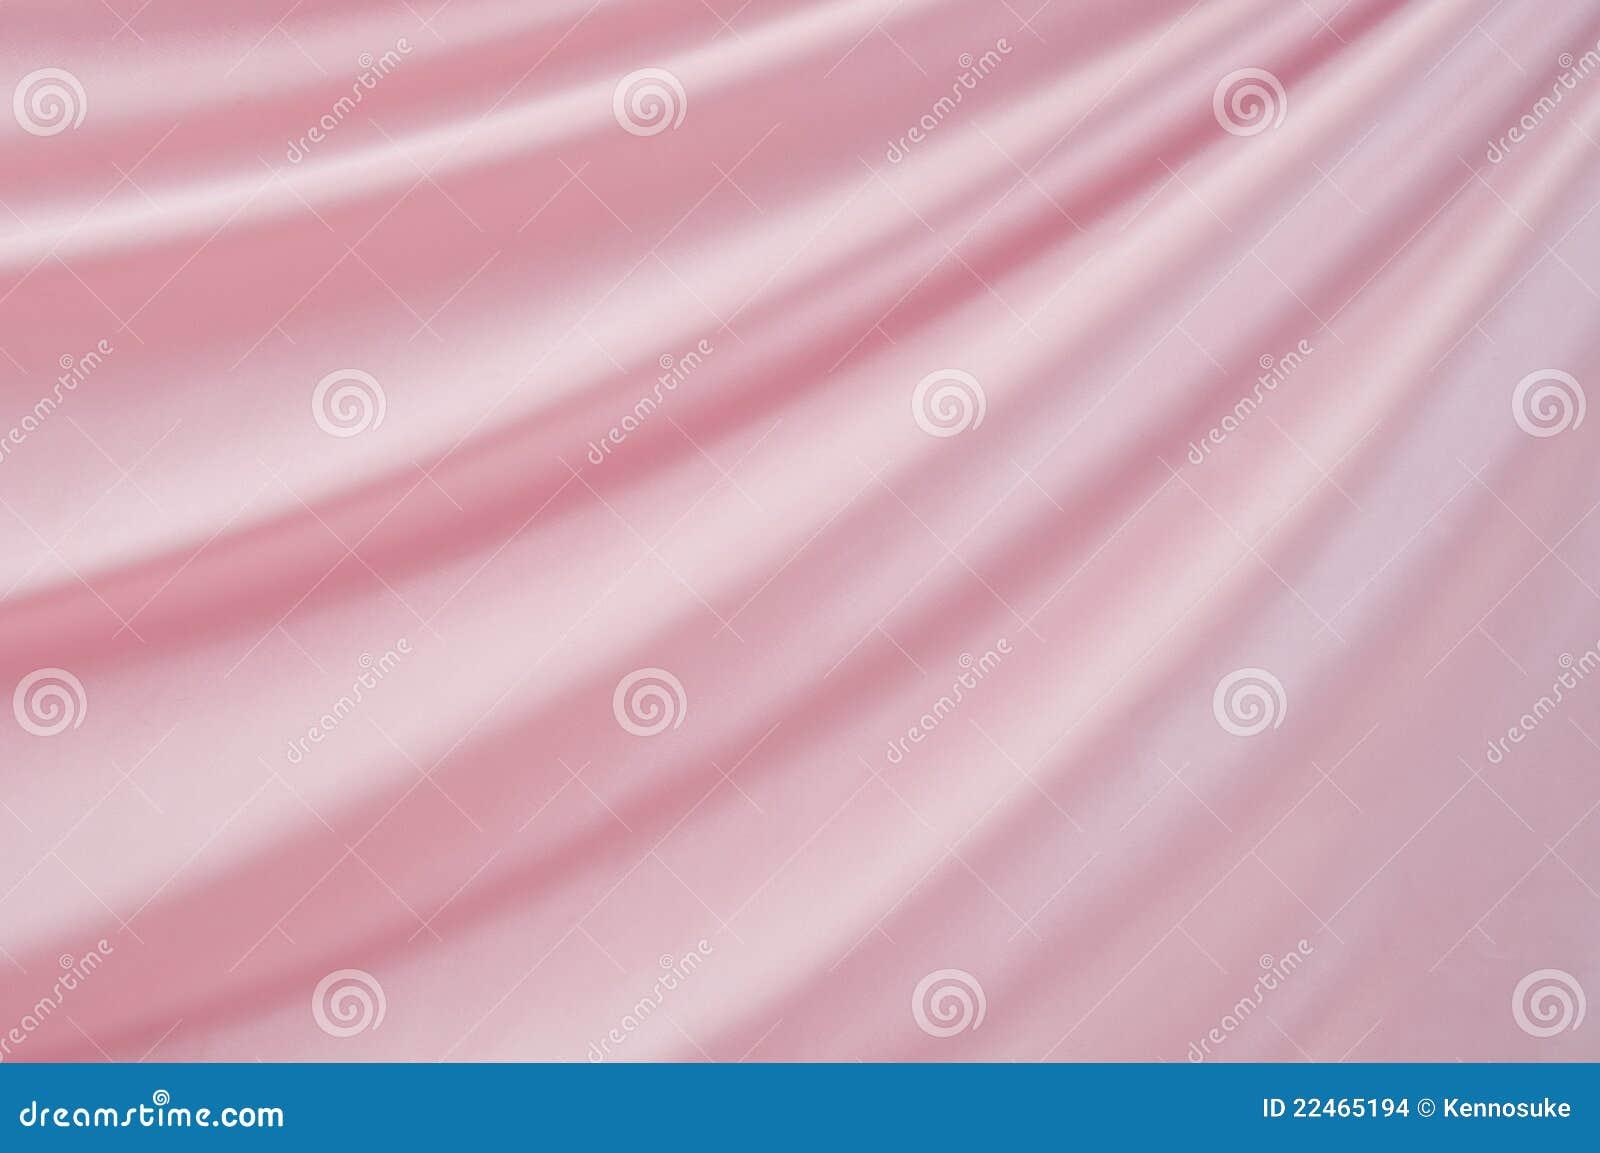 Розовая сатинировка